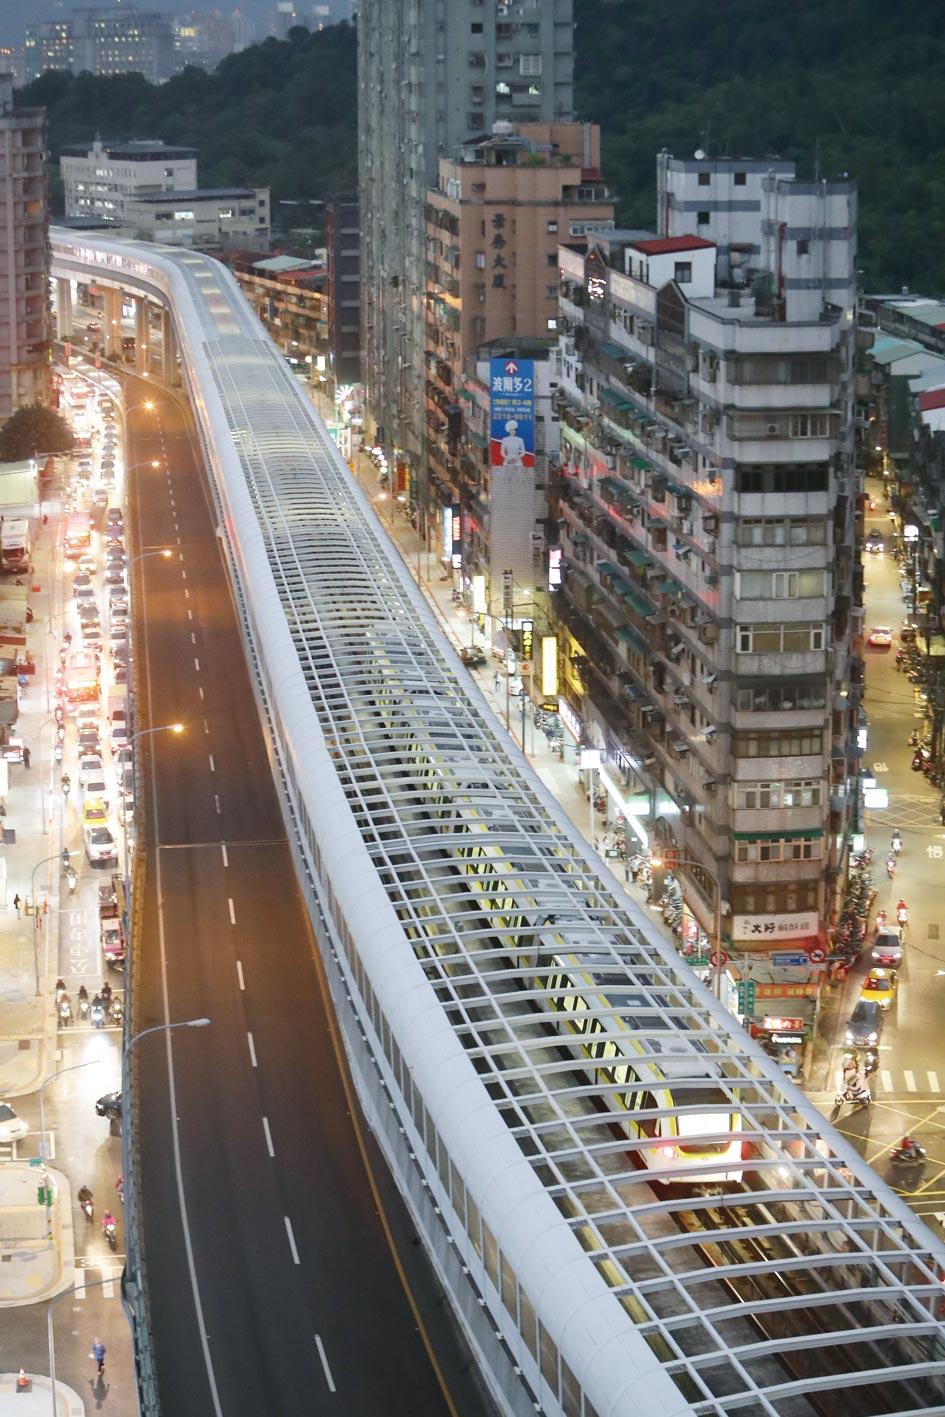 捷運環狀線通車,人潮版圖重新洗牌。圖/本報資料照片